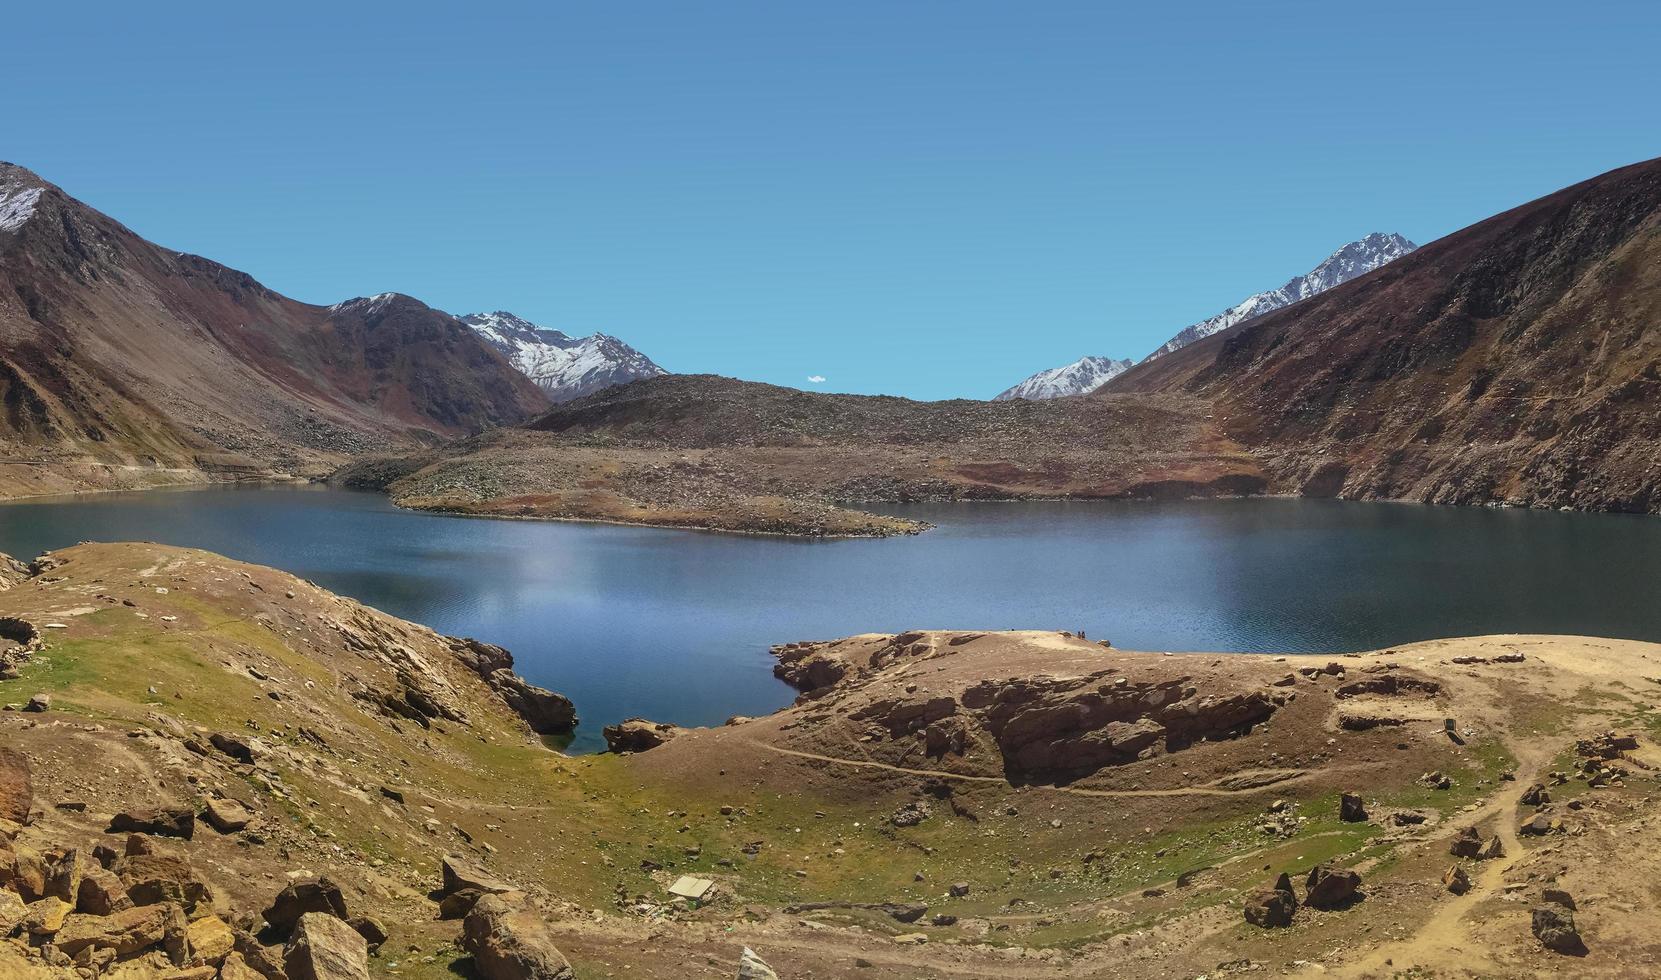 Naturlandschaftsansicht des Sees und der Bergkette foto